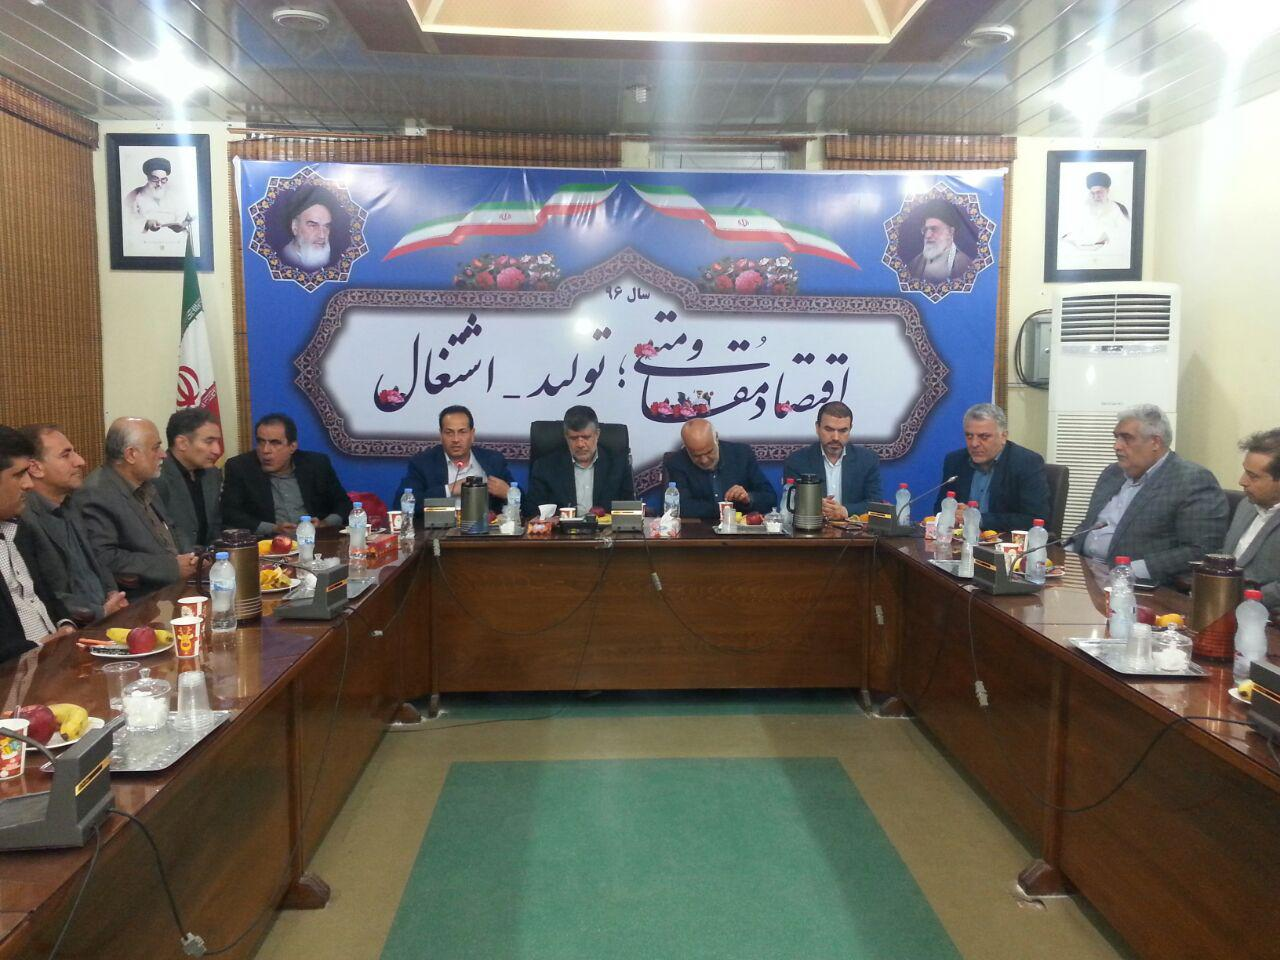 چهار میلیارد دلار کالای ایرانی به عراق صادر شده است